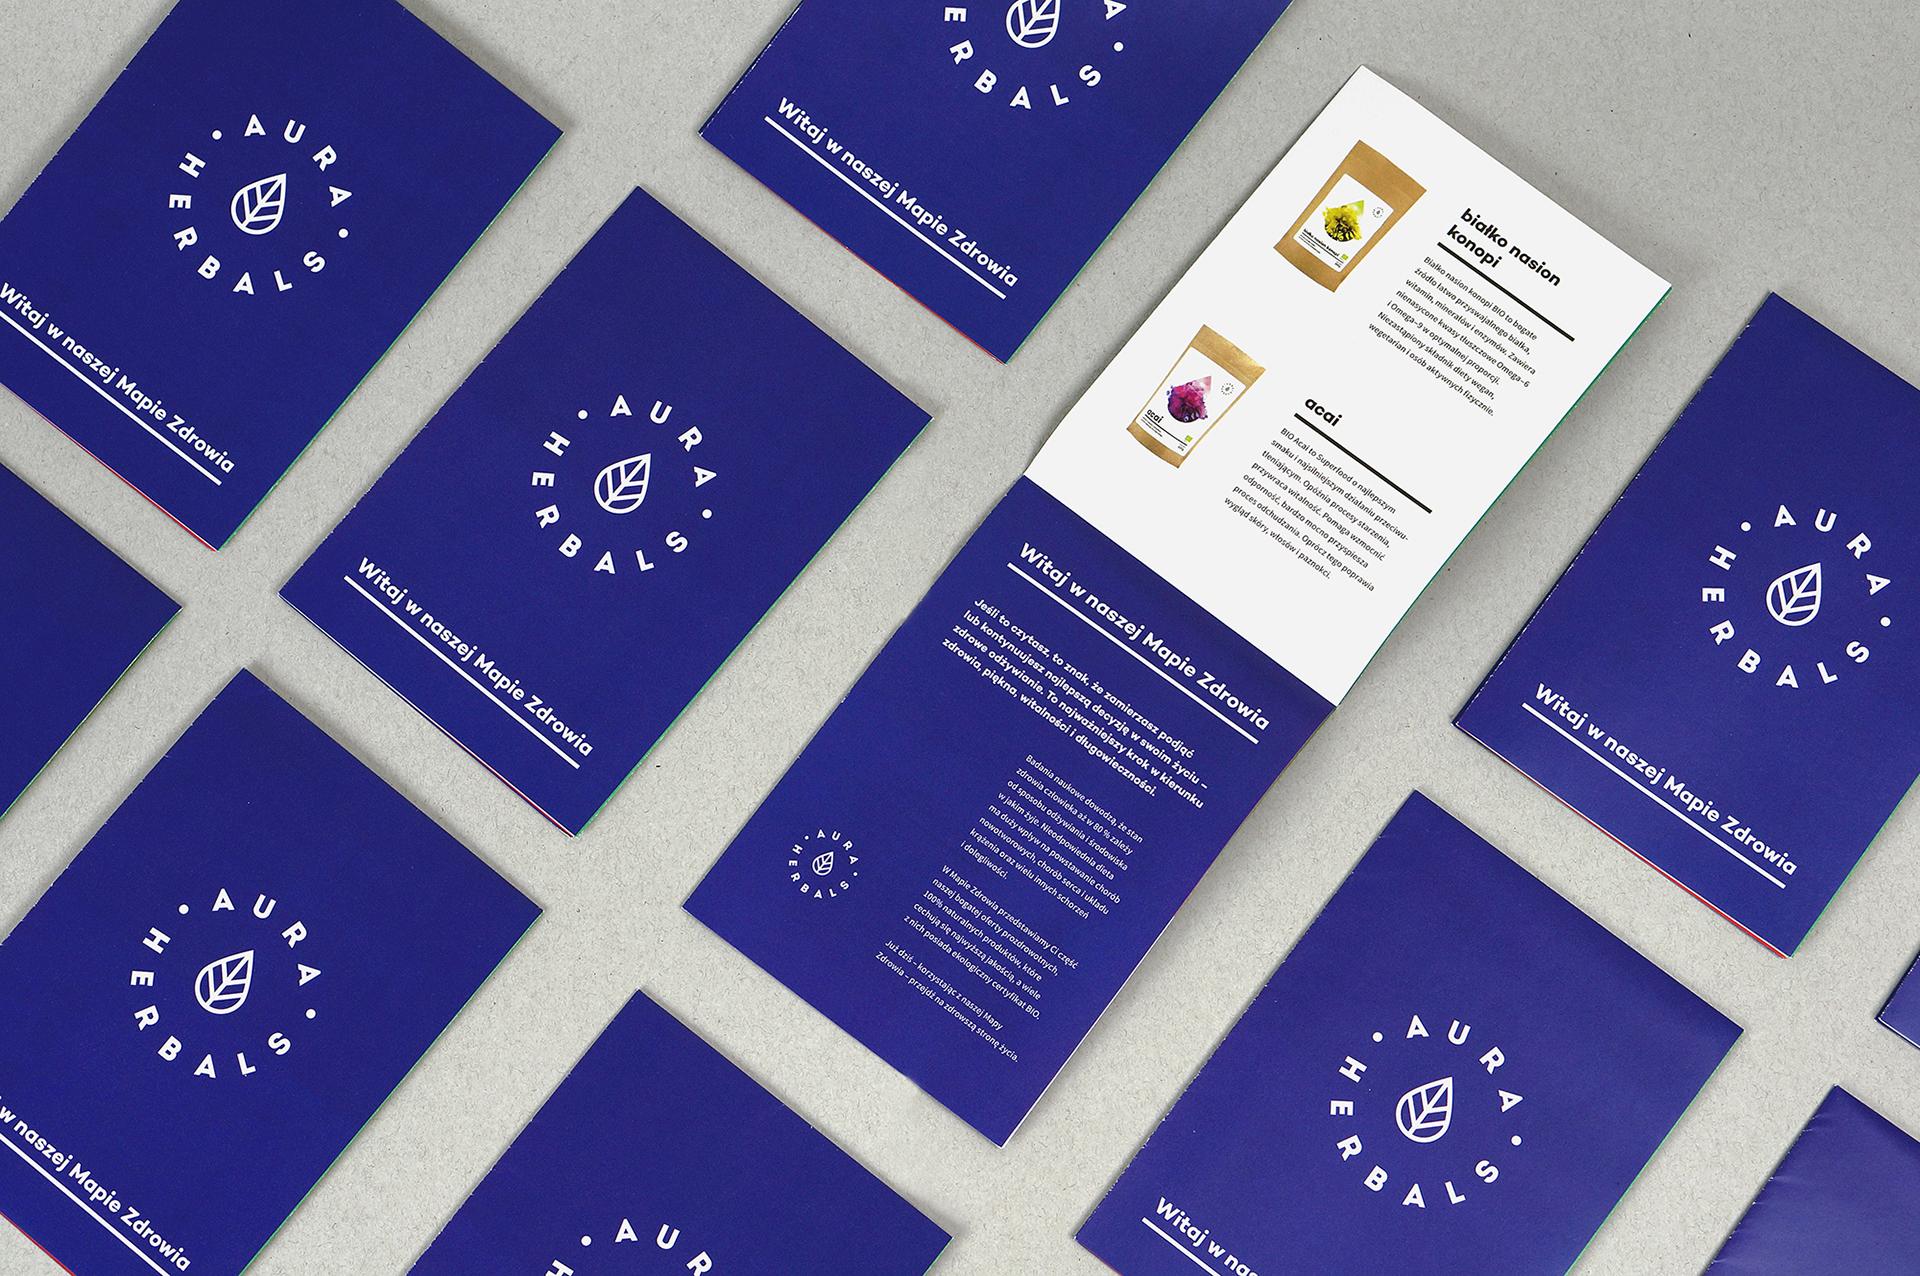 Aura Herbals Rebranding On Behance